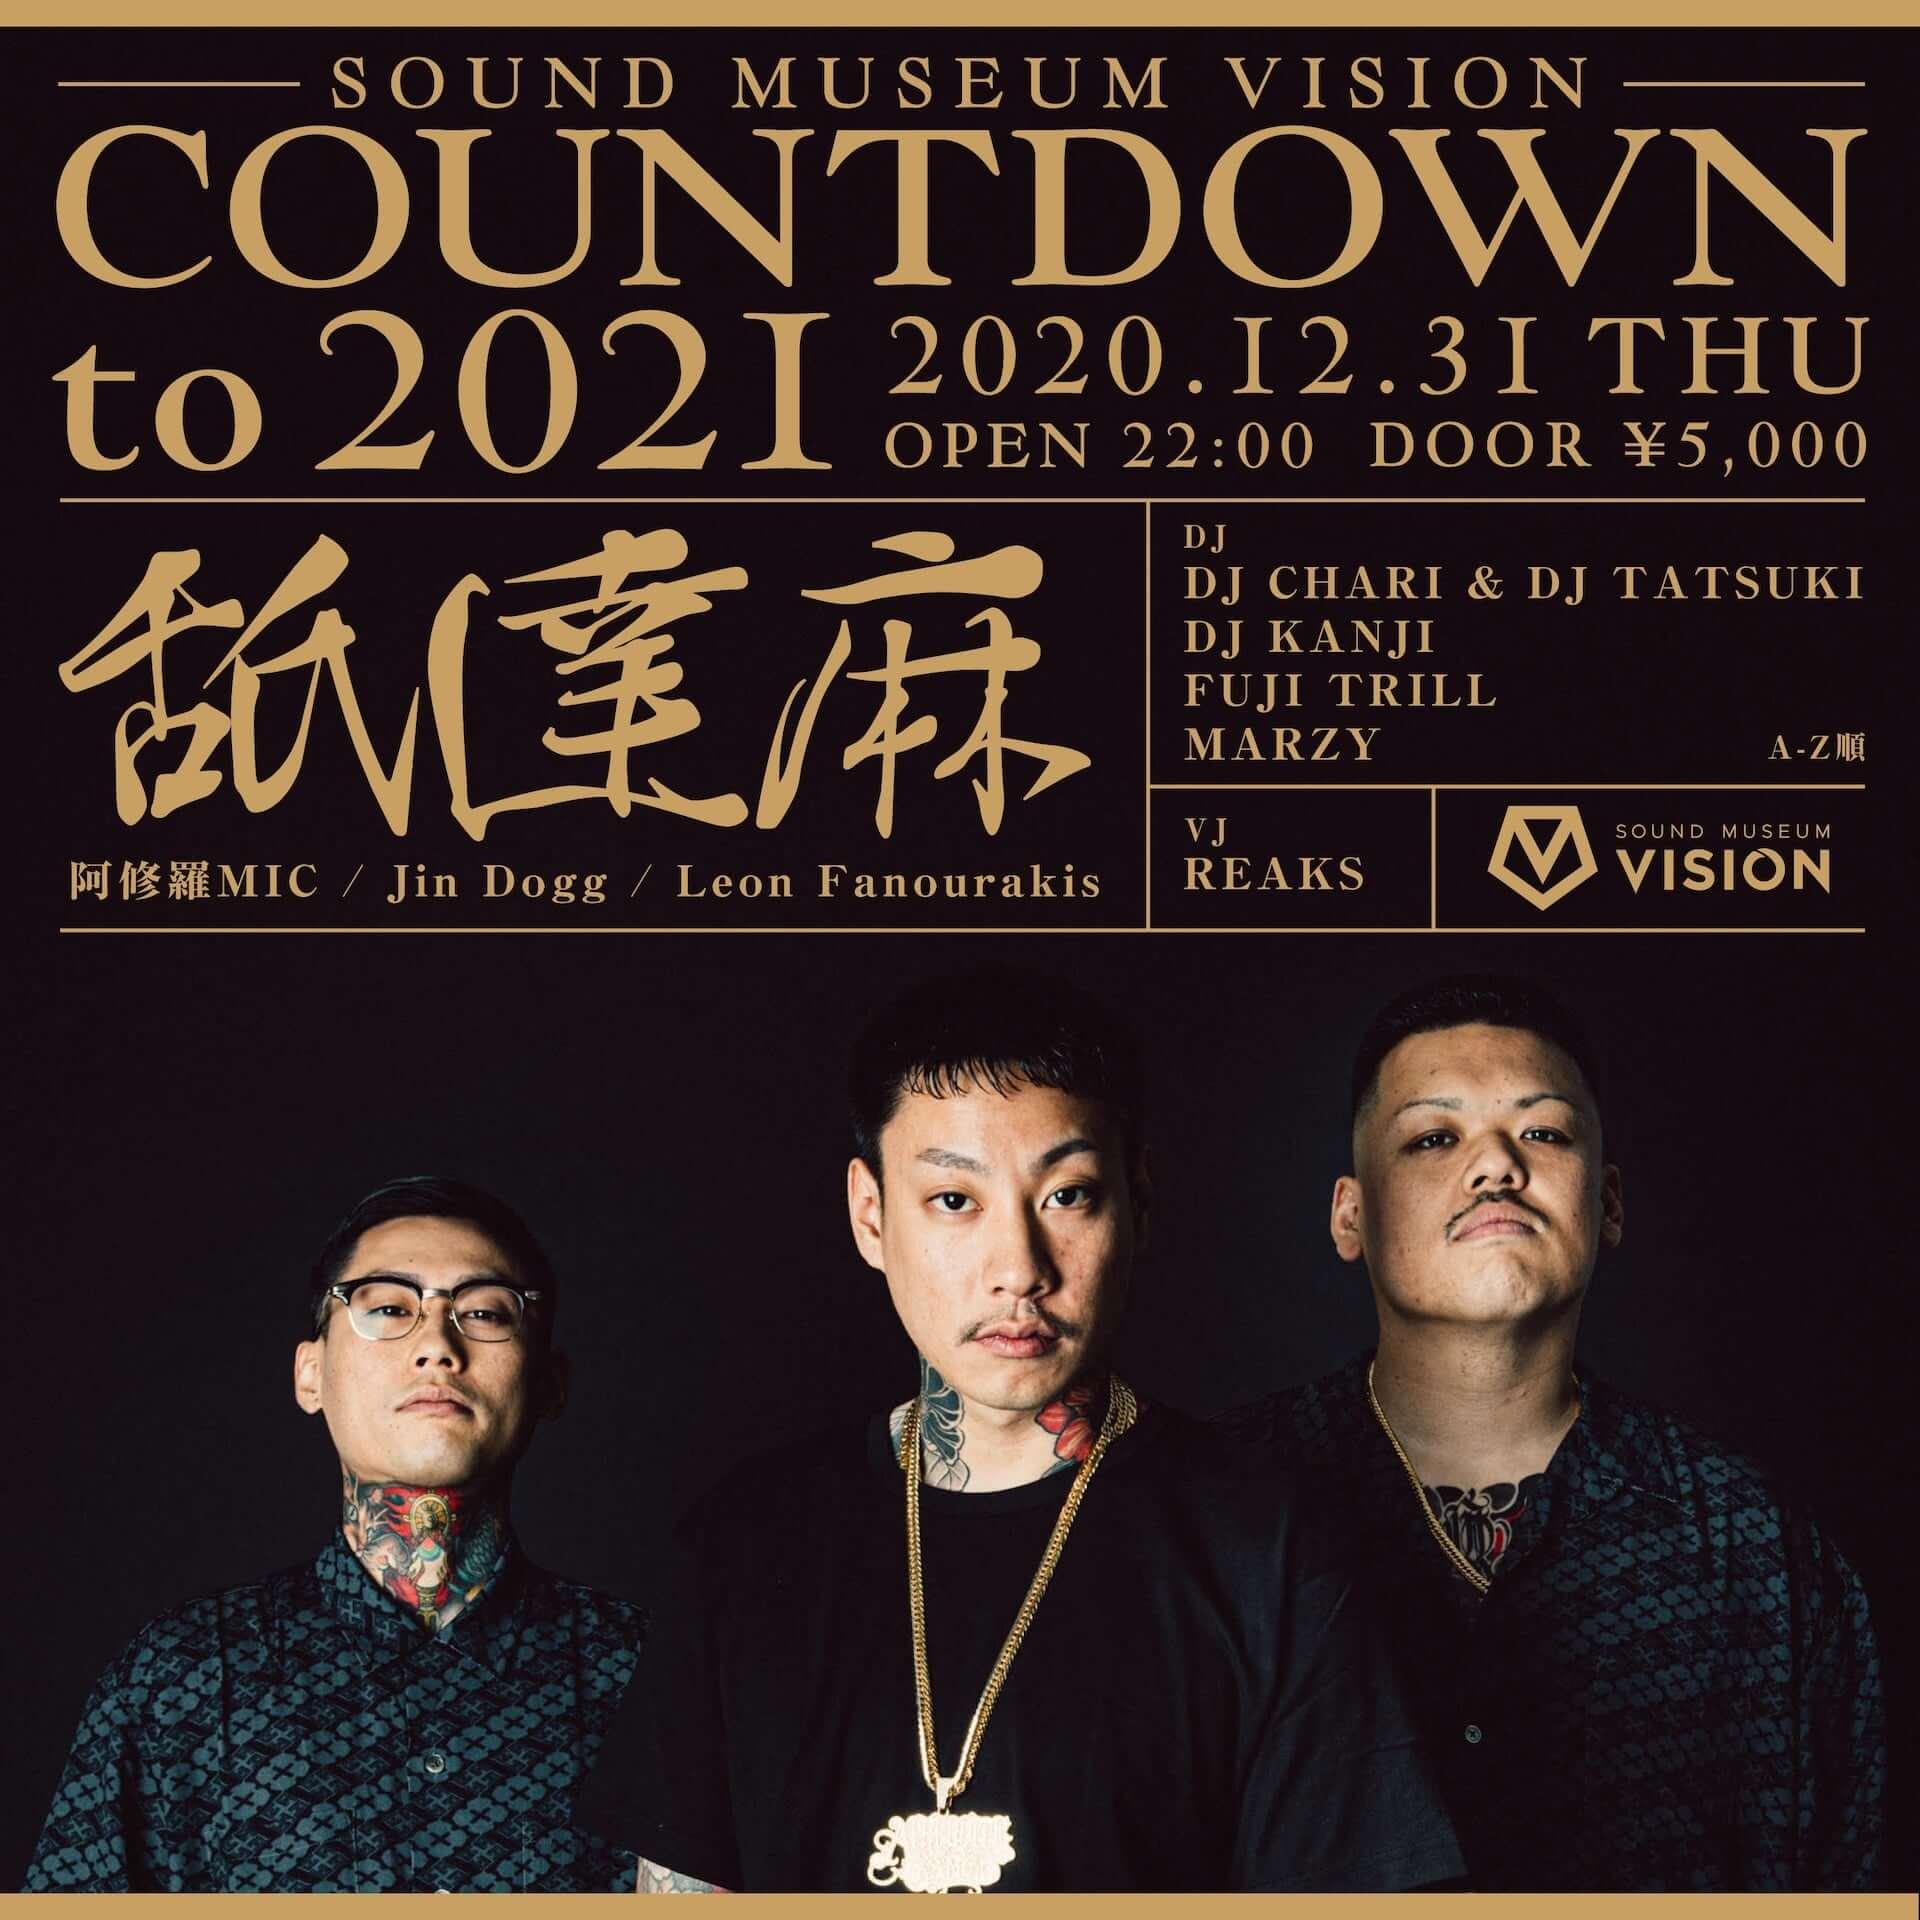 舐達麻が渋谷VISIONのカウントダウンパーティーに出演決定!Jin Dogg、Leon Fanourakis、MARZYらも登場 music201209_namedaruma_1-1920x1920